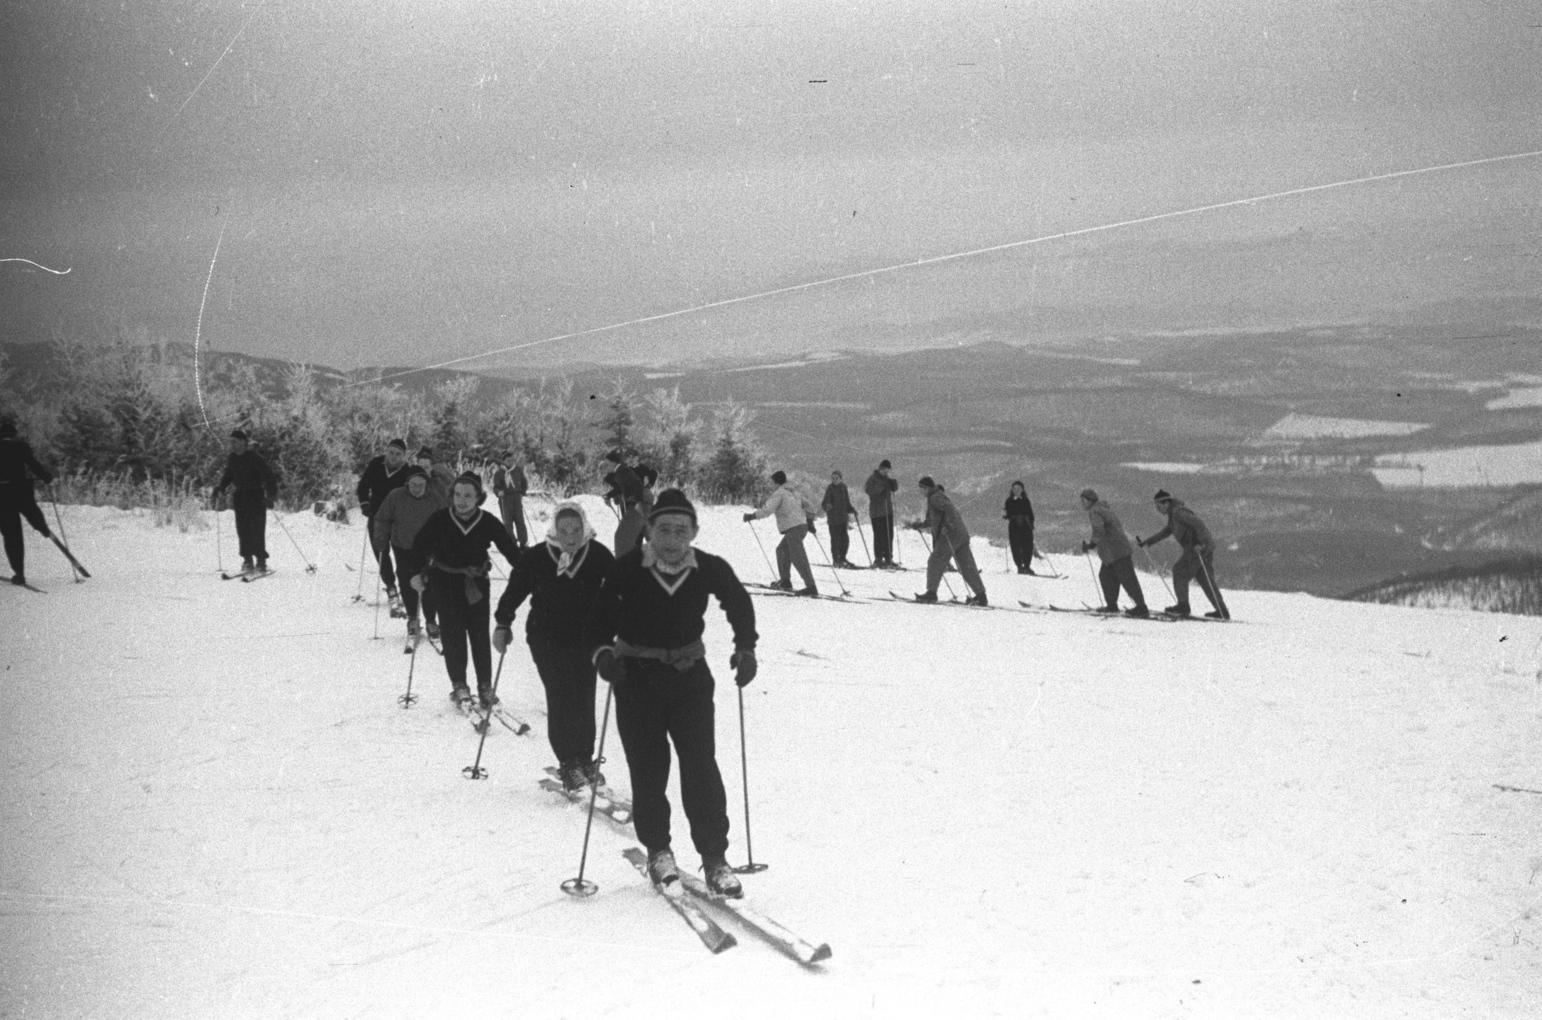 Kékestető, 1954. január 10. Edzenek a Honvéd Ifjúsági síelők. Magyar Fotó: Bojár Sándor